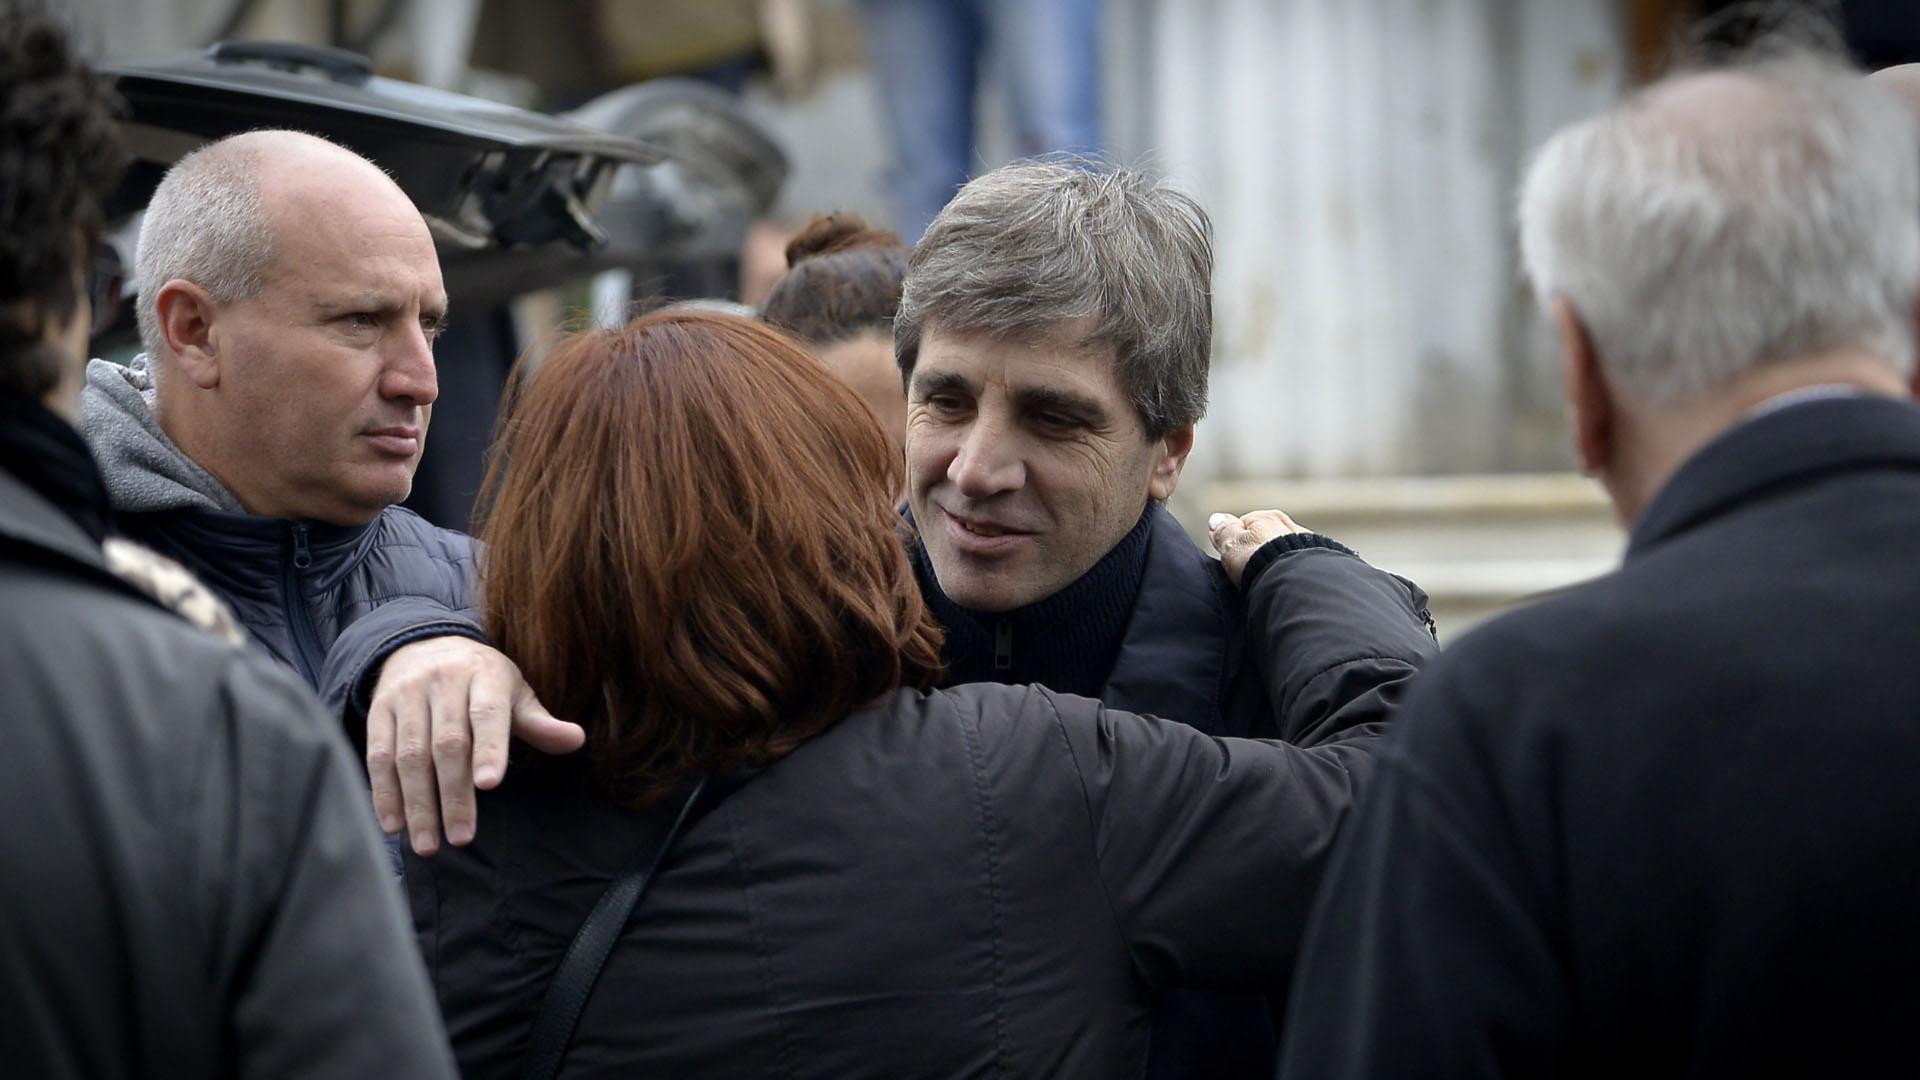 Luis Ándres Caputo saludando a Nora Cárpena